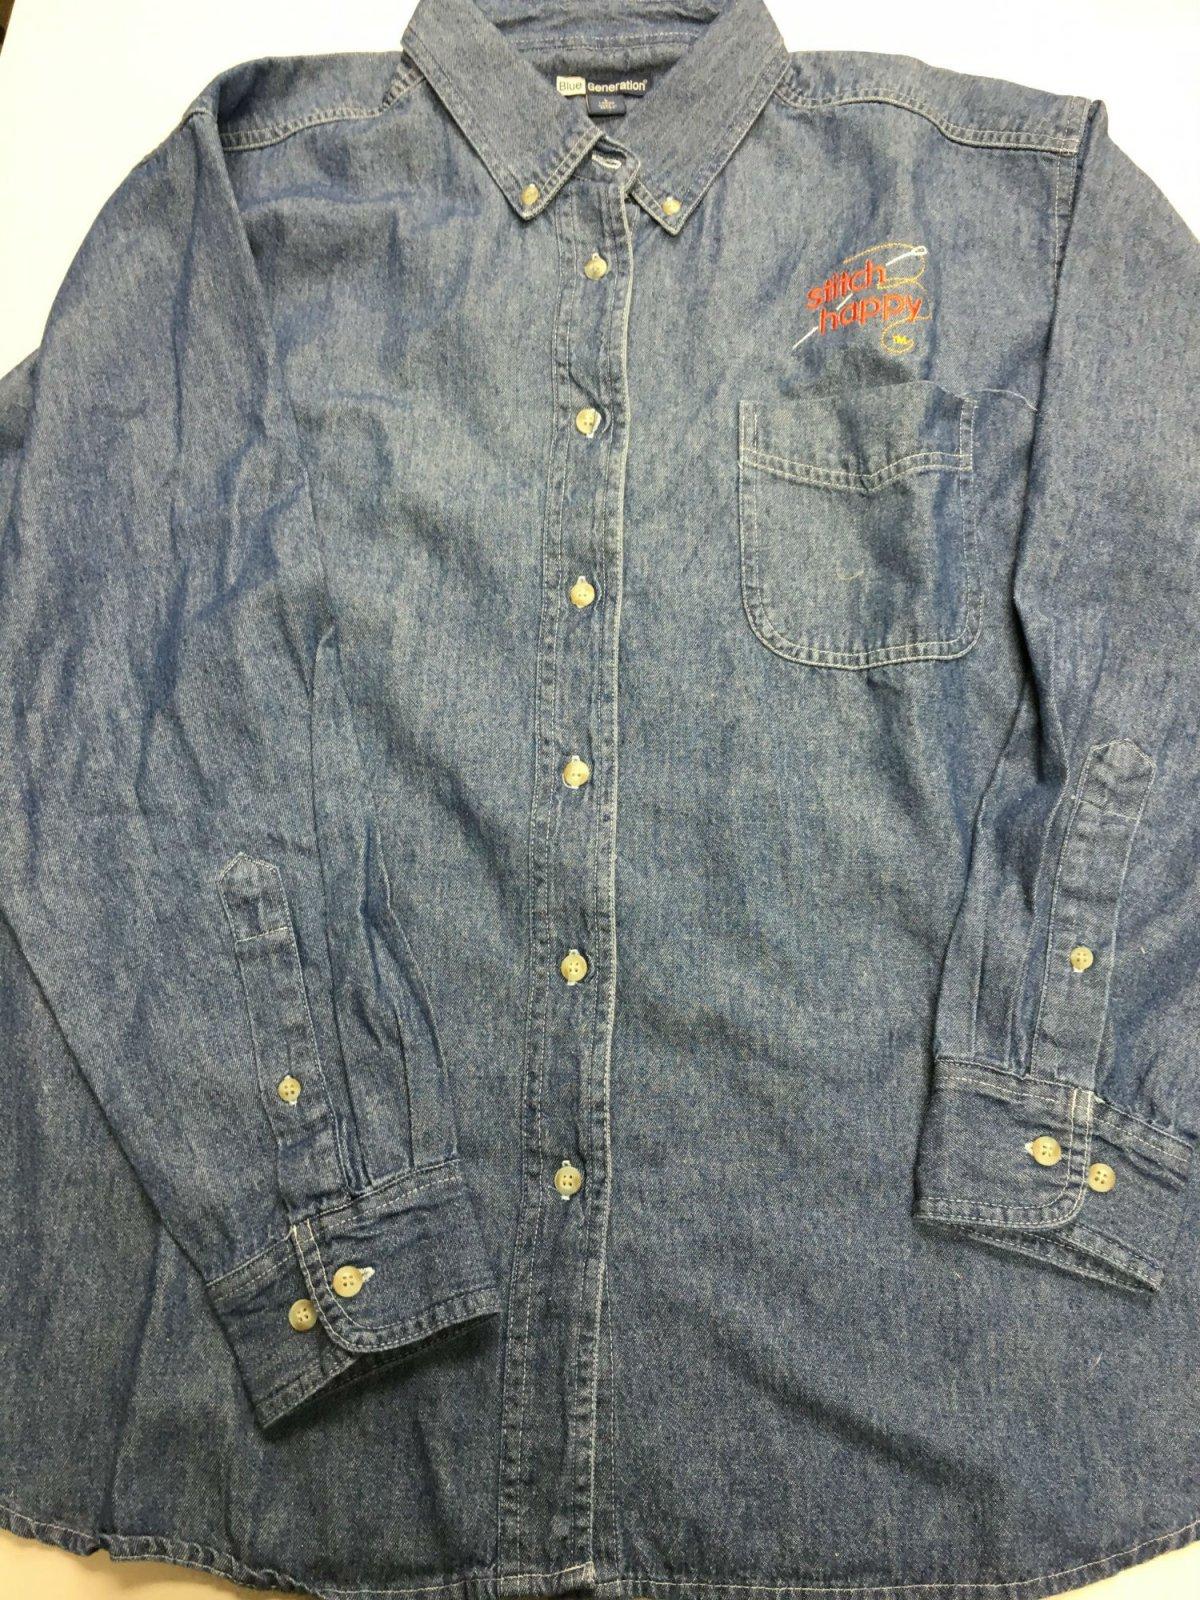 Stitch Happy denim shirt sz S